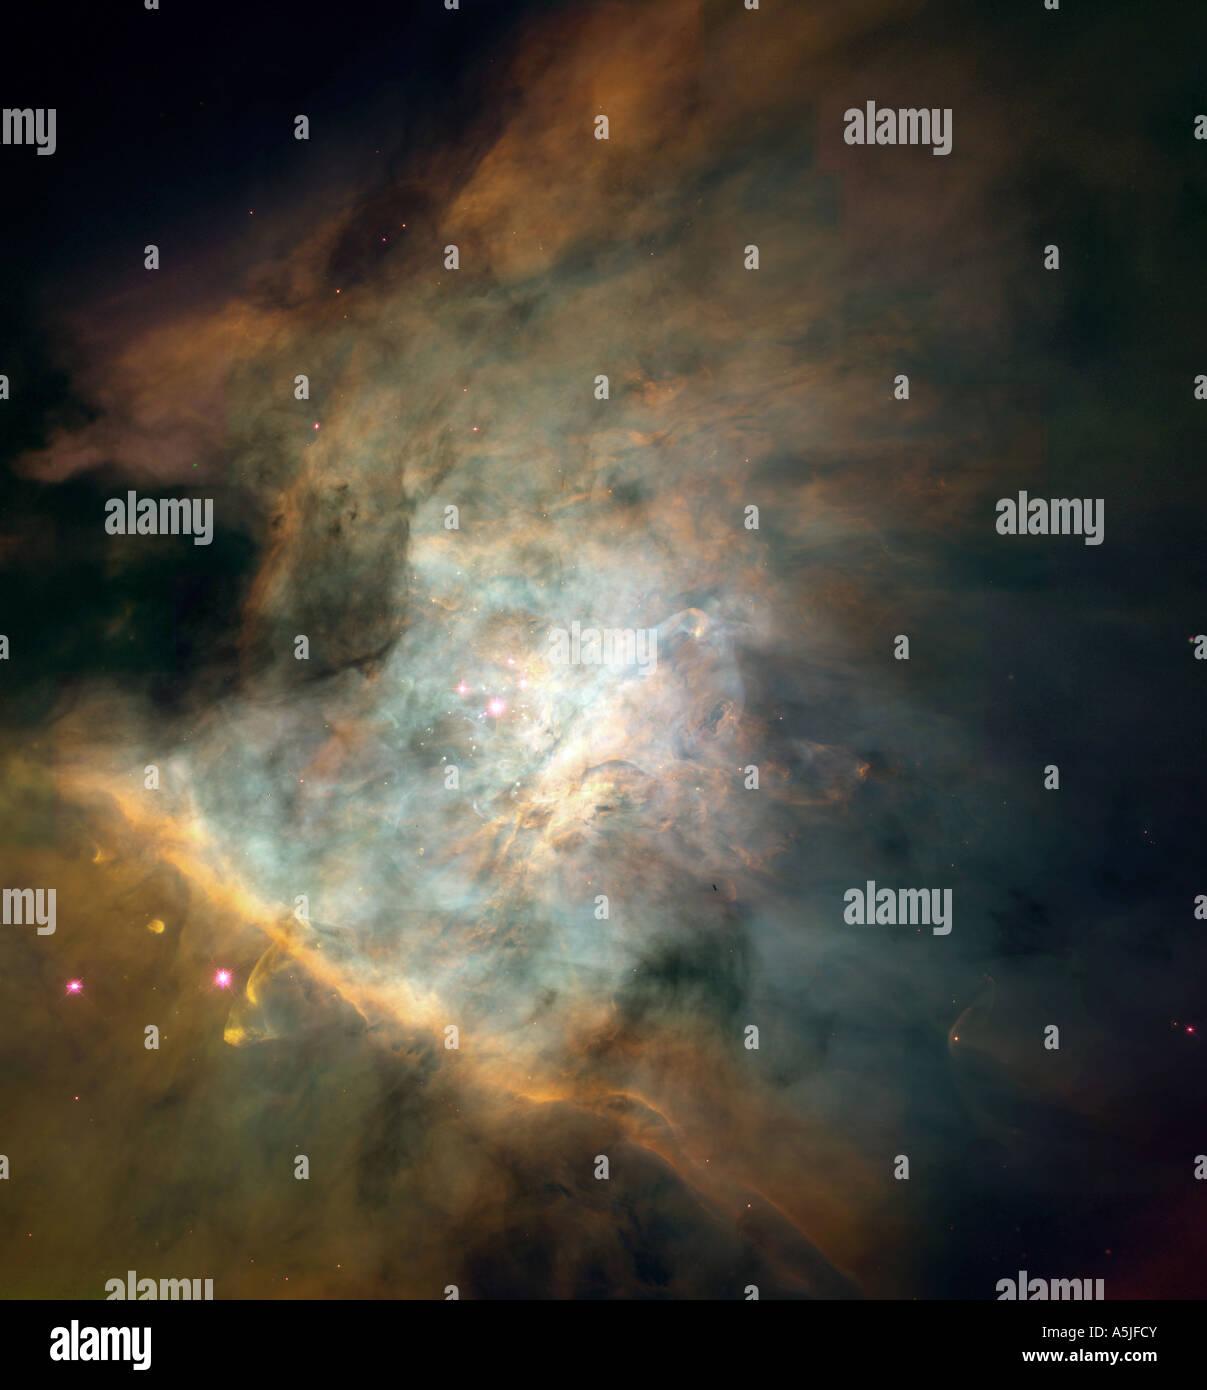 Centro de la nebulosa de Orión ensambladas a partir de imágenes individuales tomadas con el Telescopio Imagen De Stock